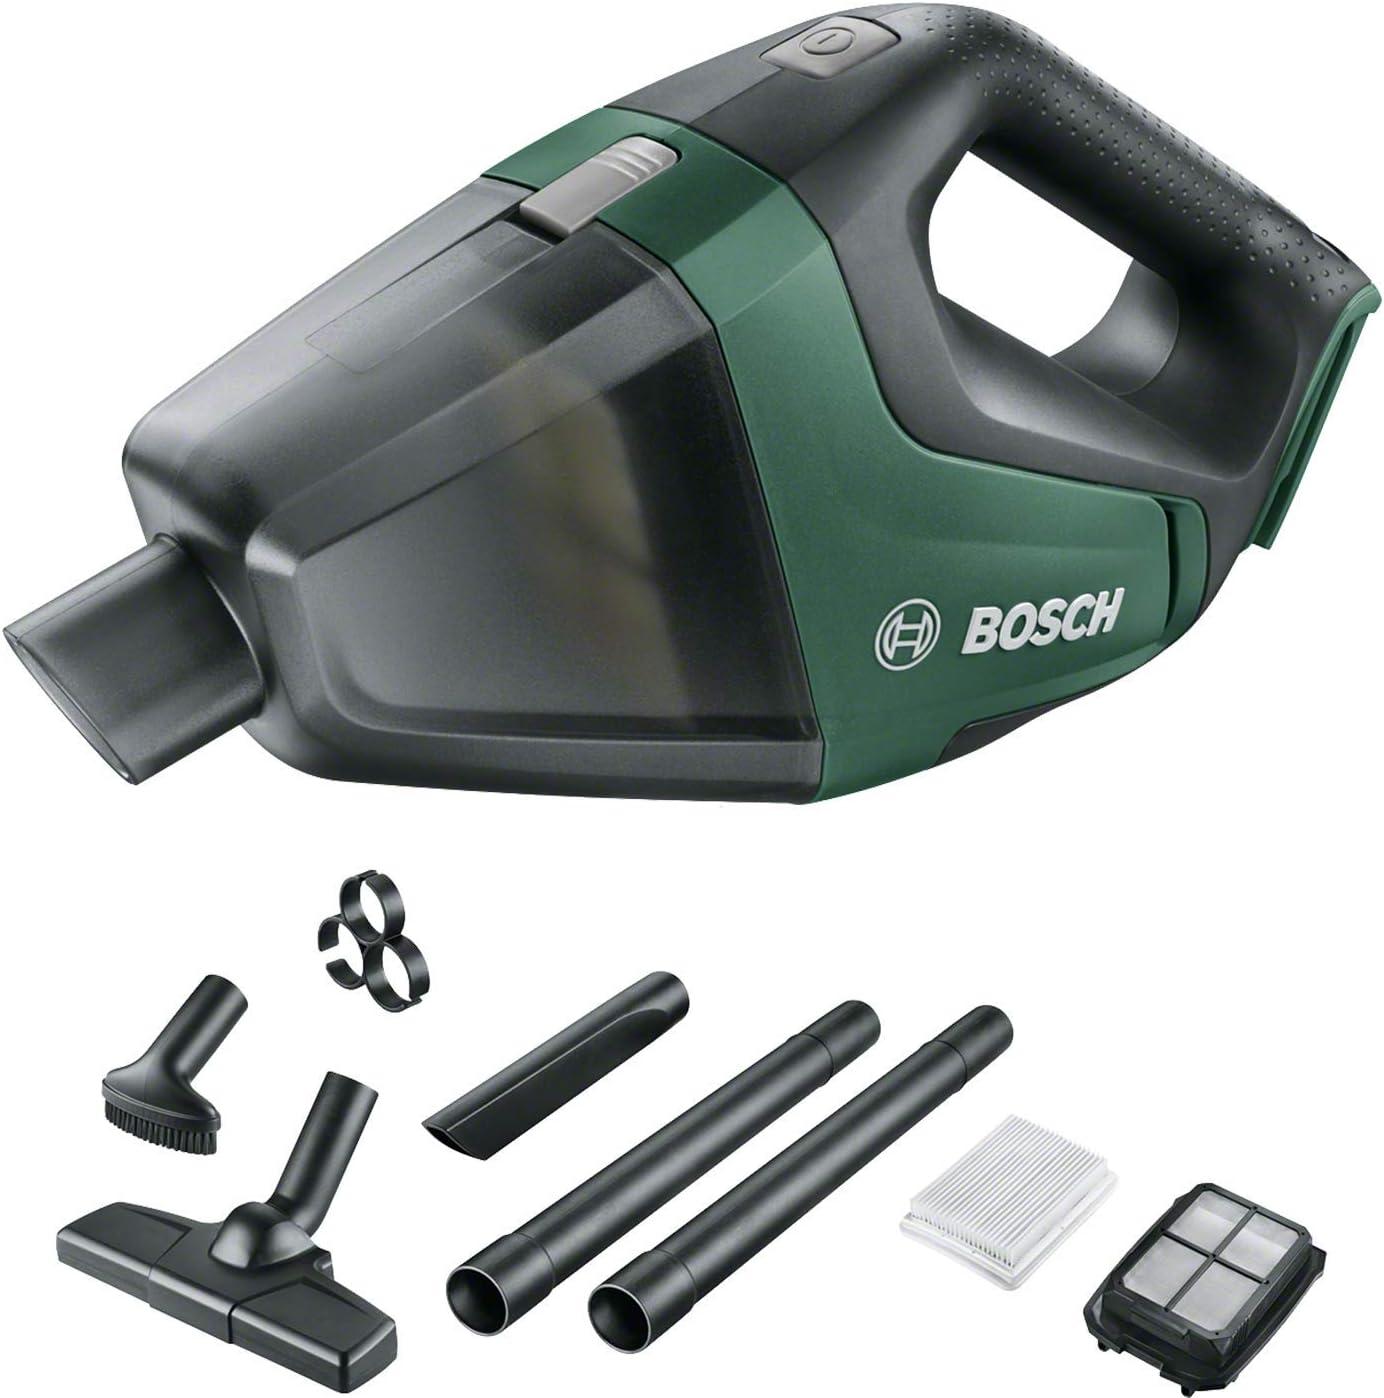 Bosch Home and Garden UniversalVac 18 - Aspirador a batería Universal, sistema de 18 V: Amazon.es: Hogar